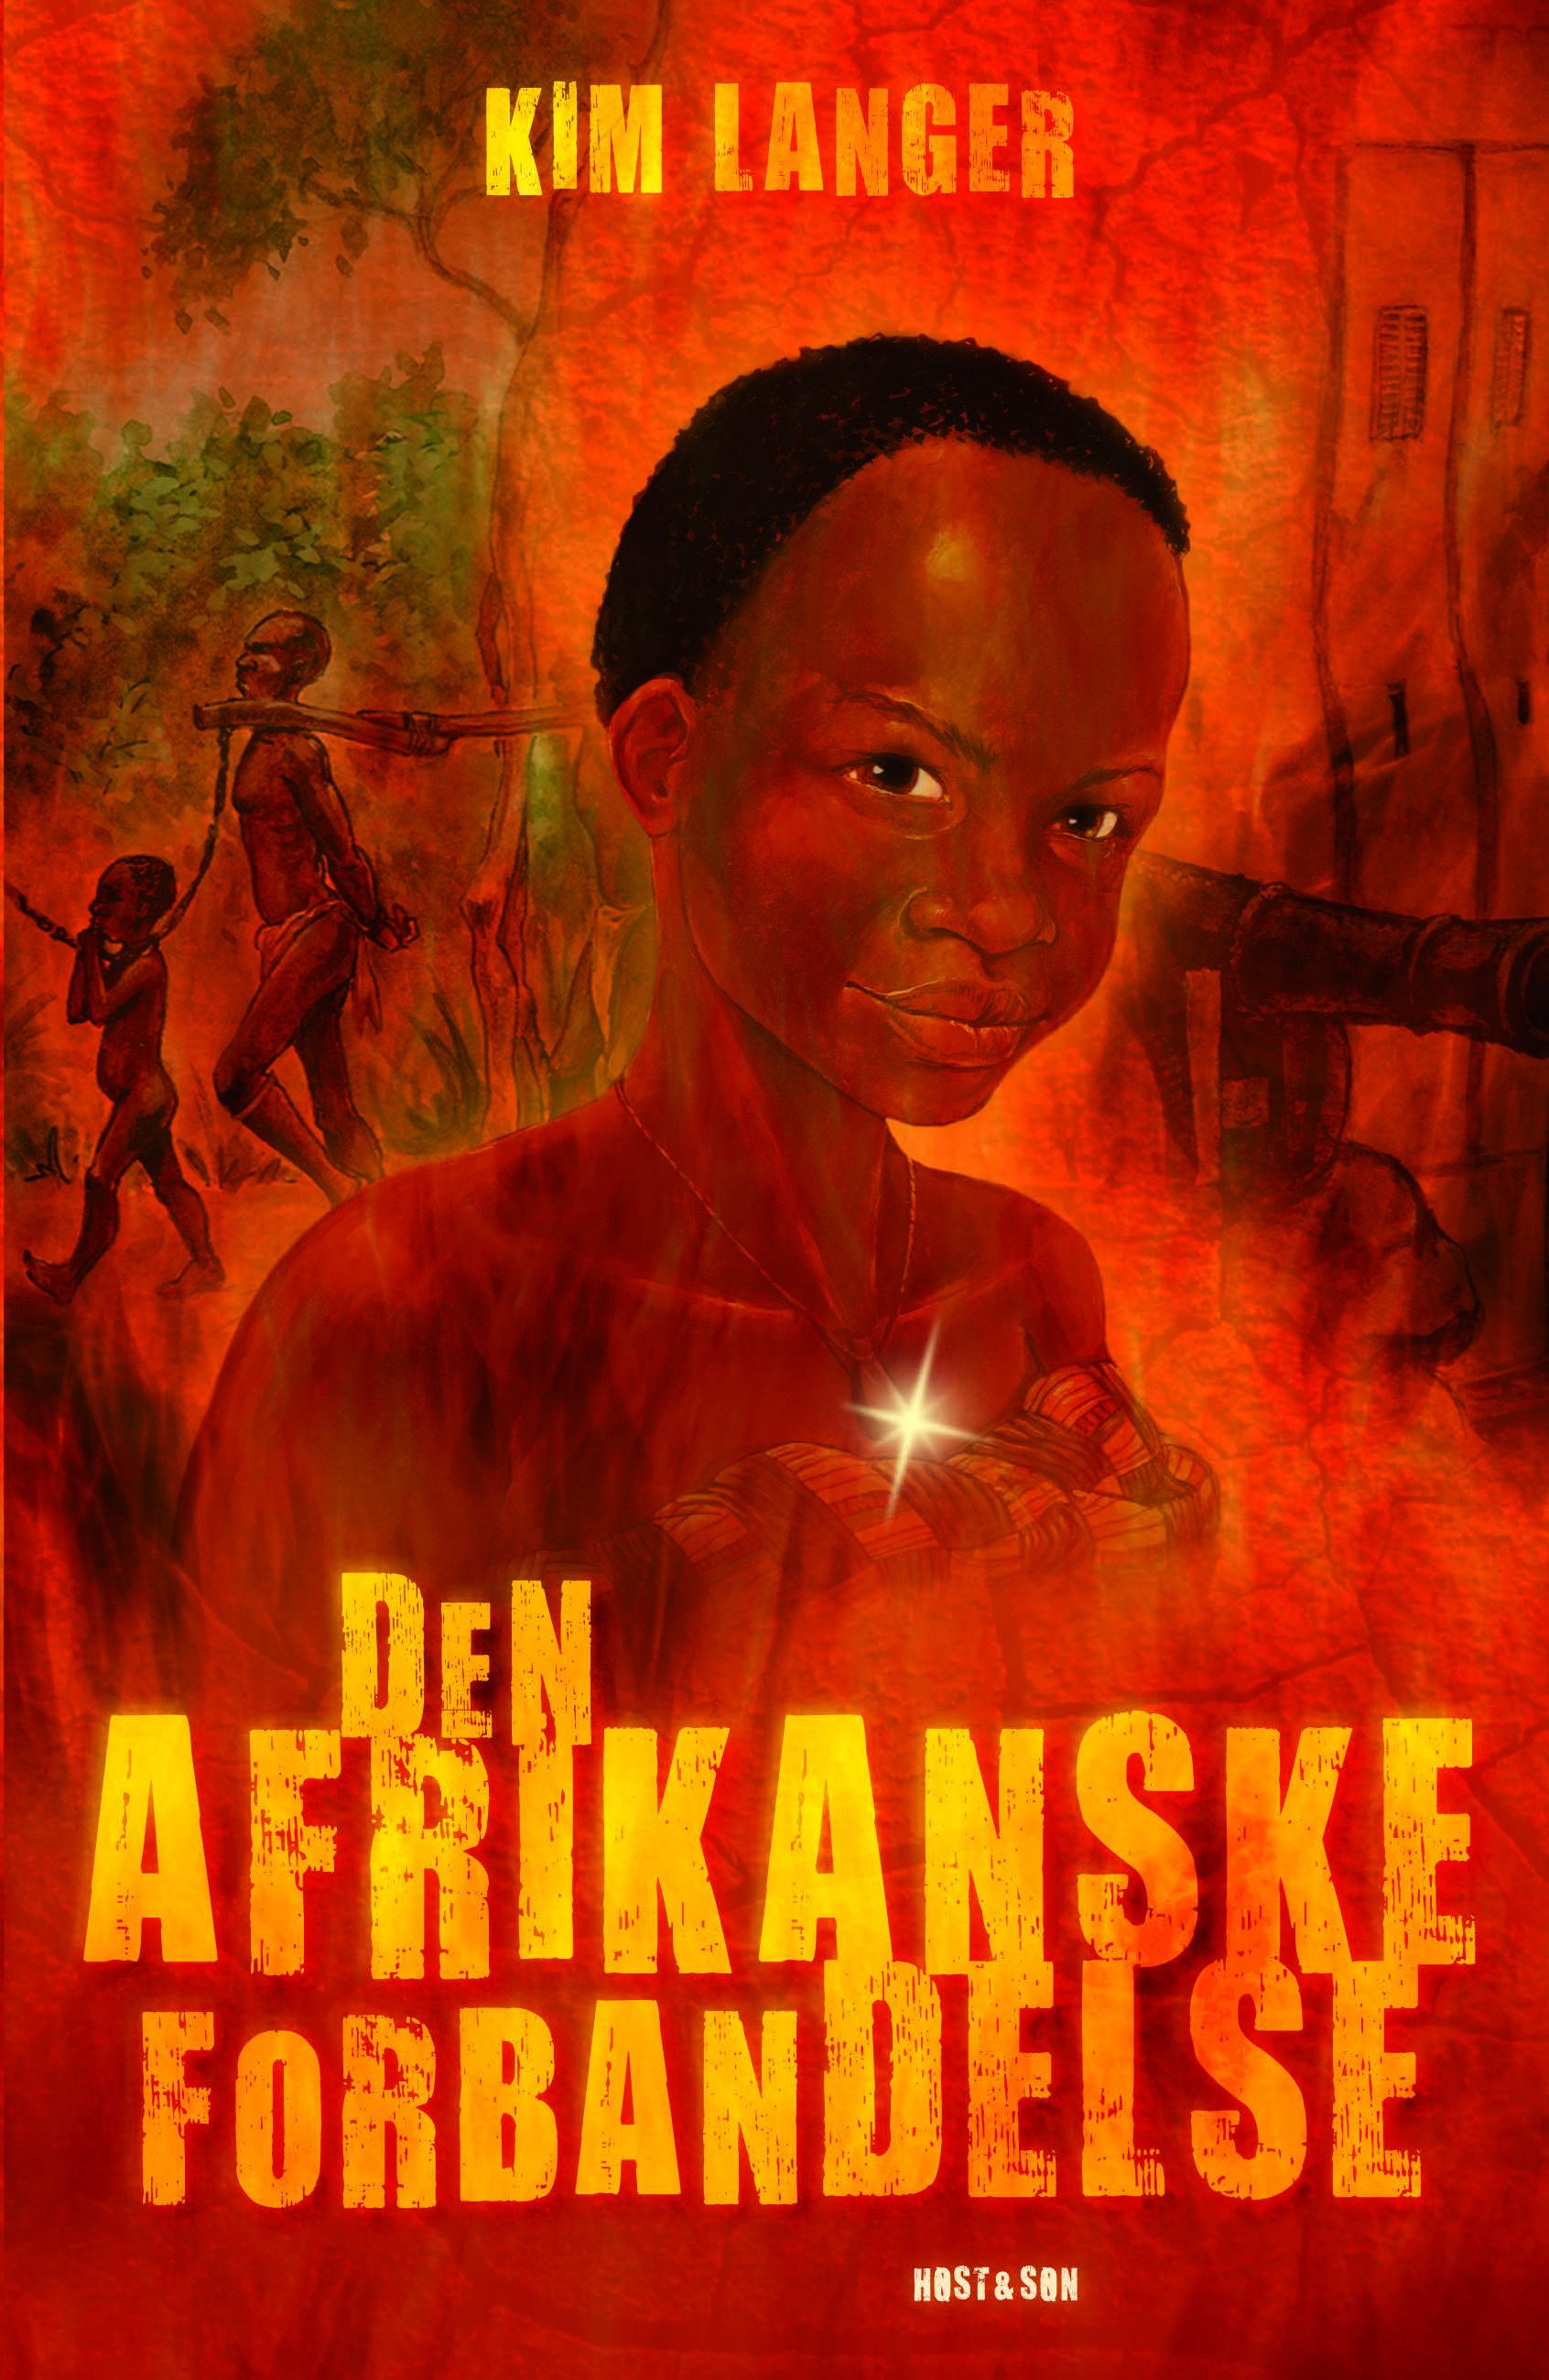 Langer Den afrikanske forbandelse FINAL